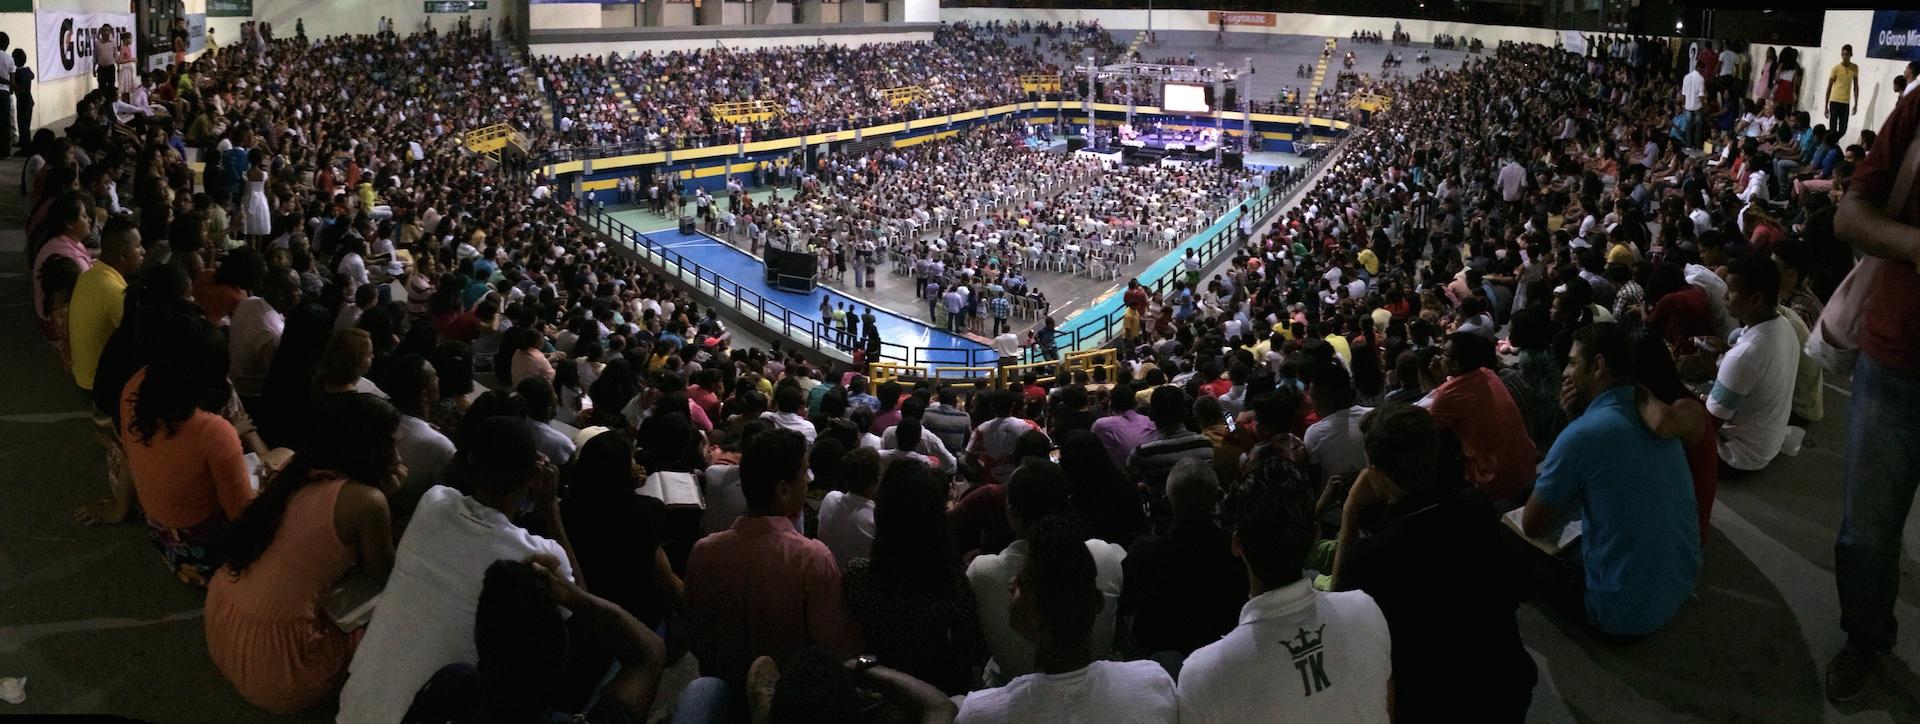 O público encheu o ginásio Castelinho, na capital maranhense, para o lançamento do projeto Impacto Esperança.